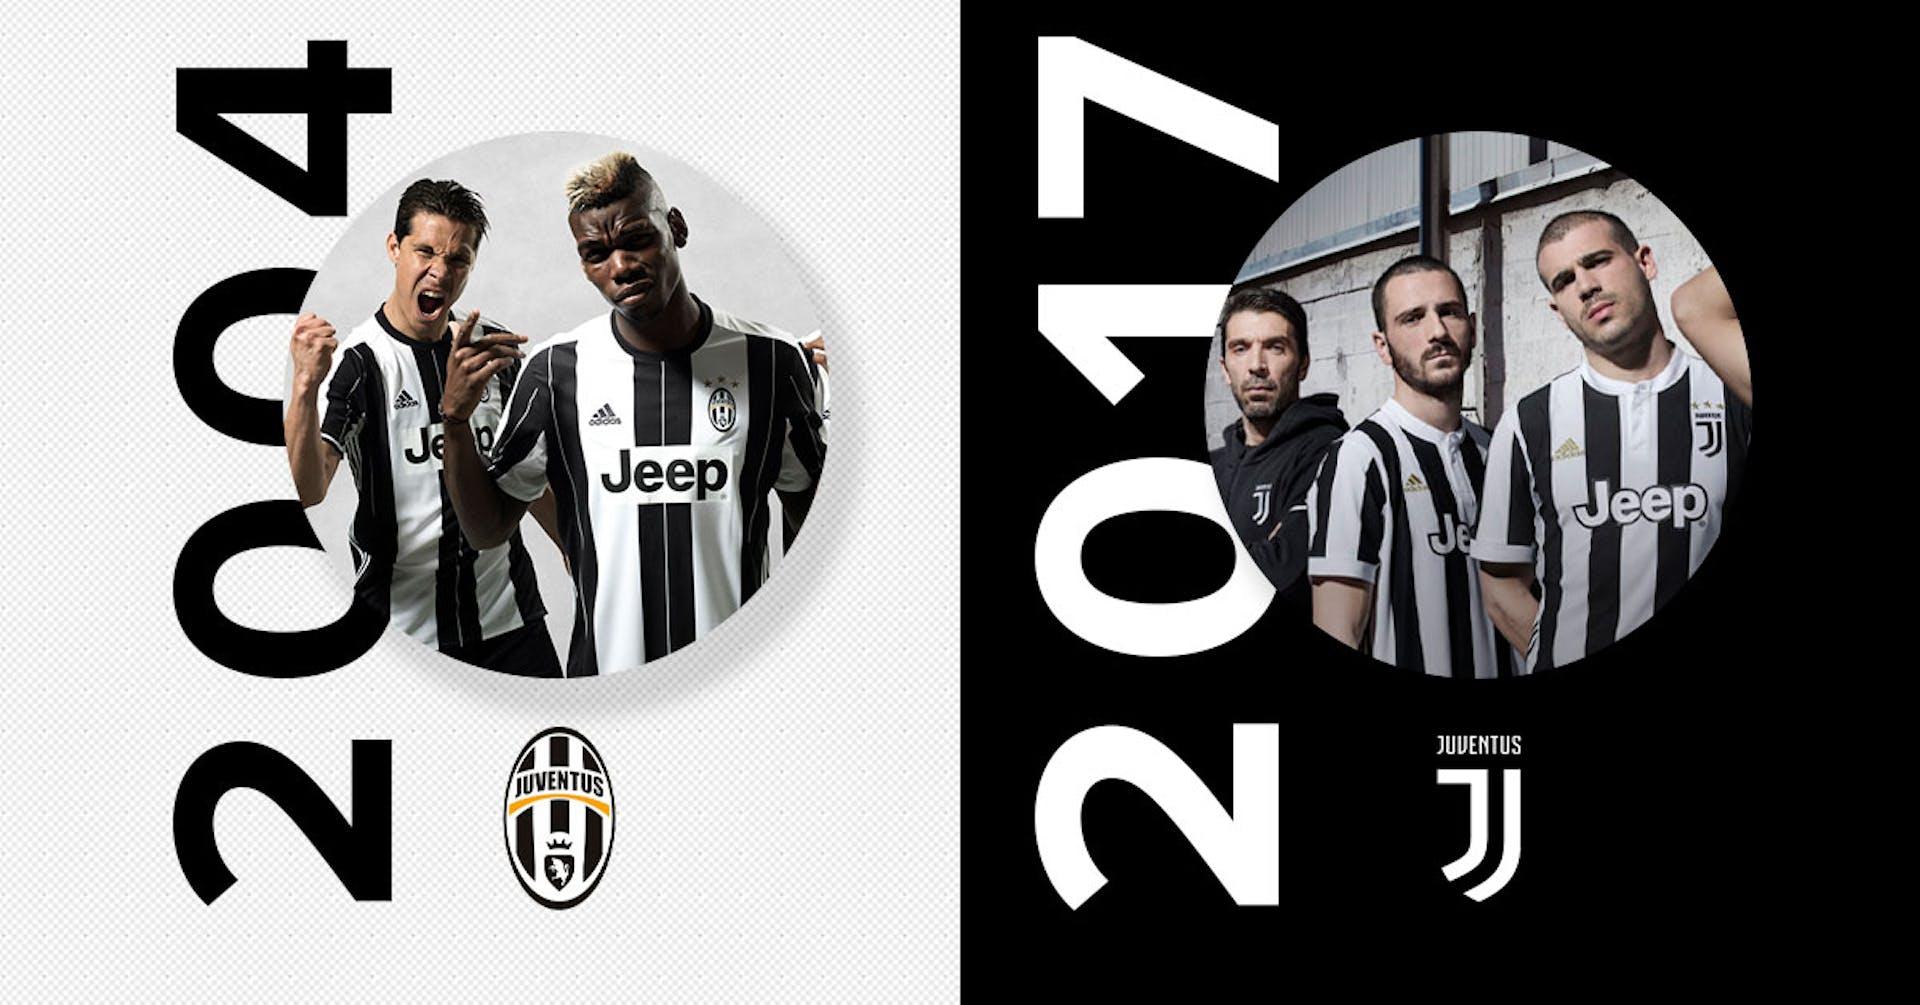 Juventus, Patriotas y otros equipos cambiaron su imagen. ¿Sabes cómo eran?